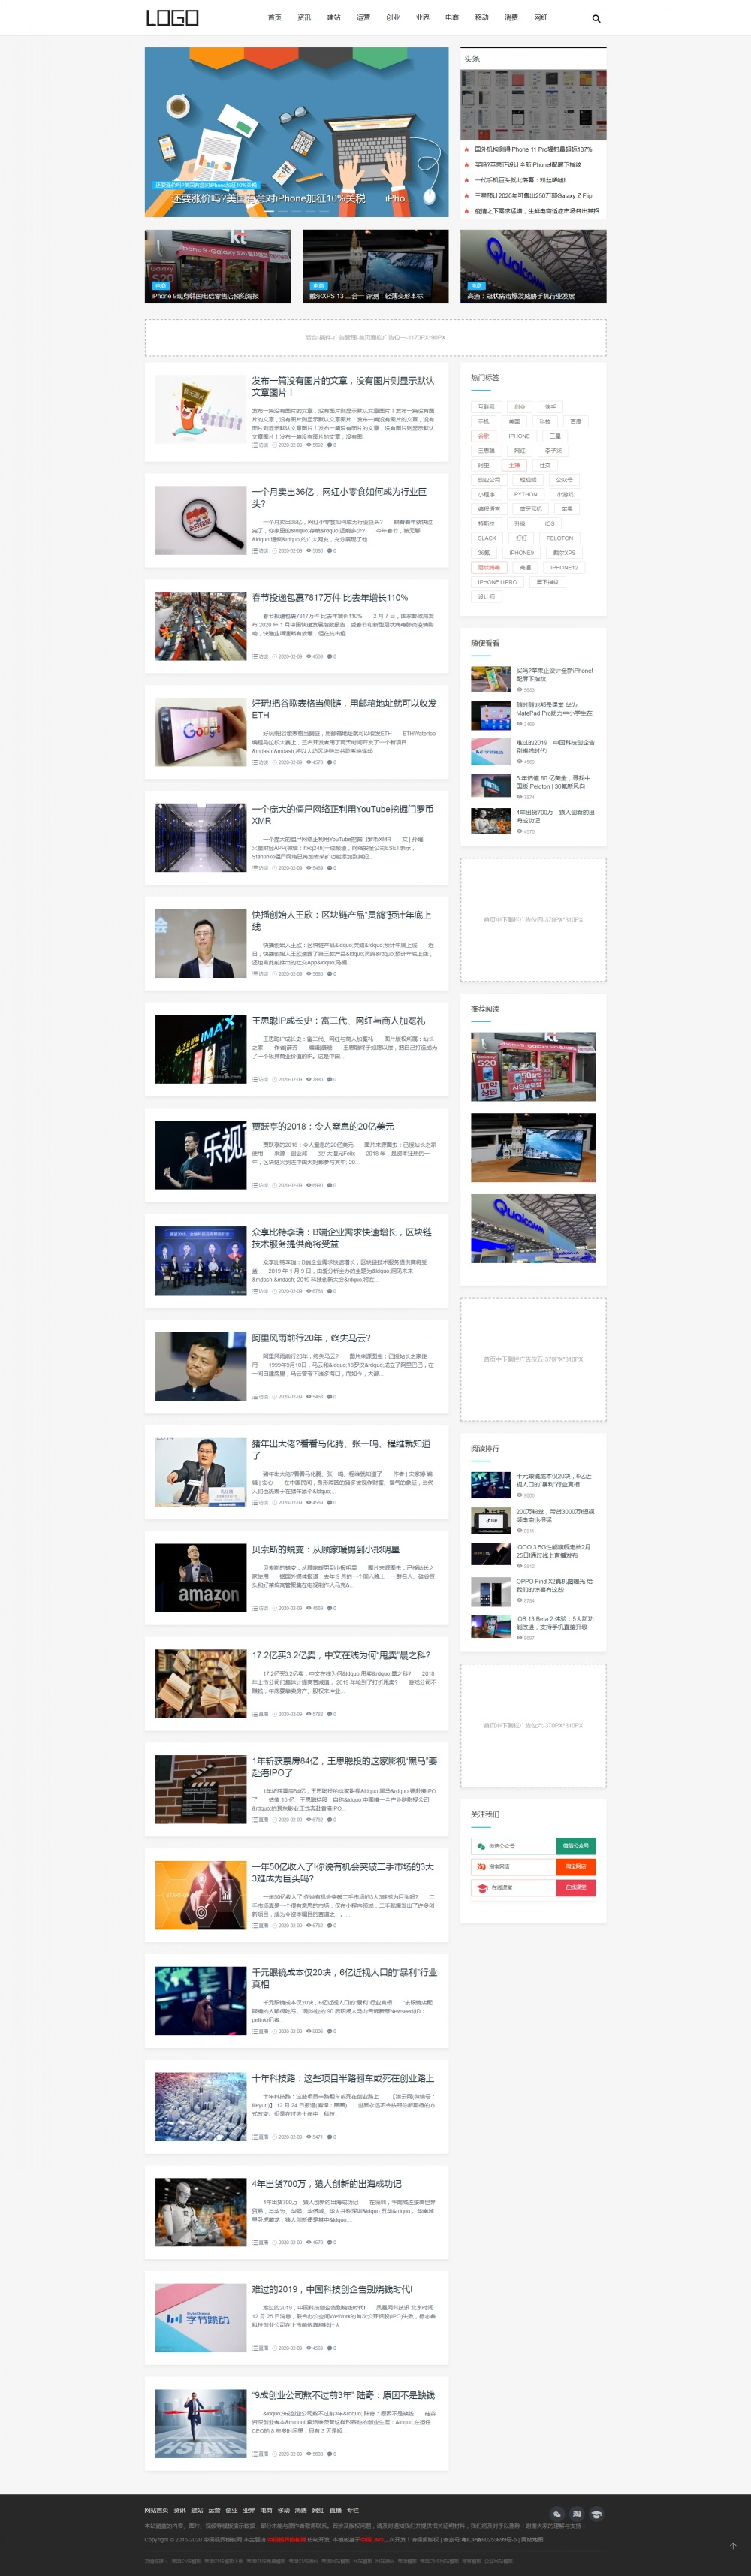 网站首页.jpg [DG-072]帝国CMS自适应新闻资讯个人博客网站模板 博客文章 第1张